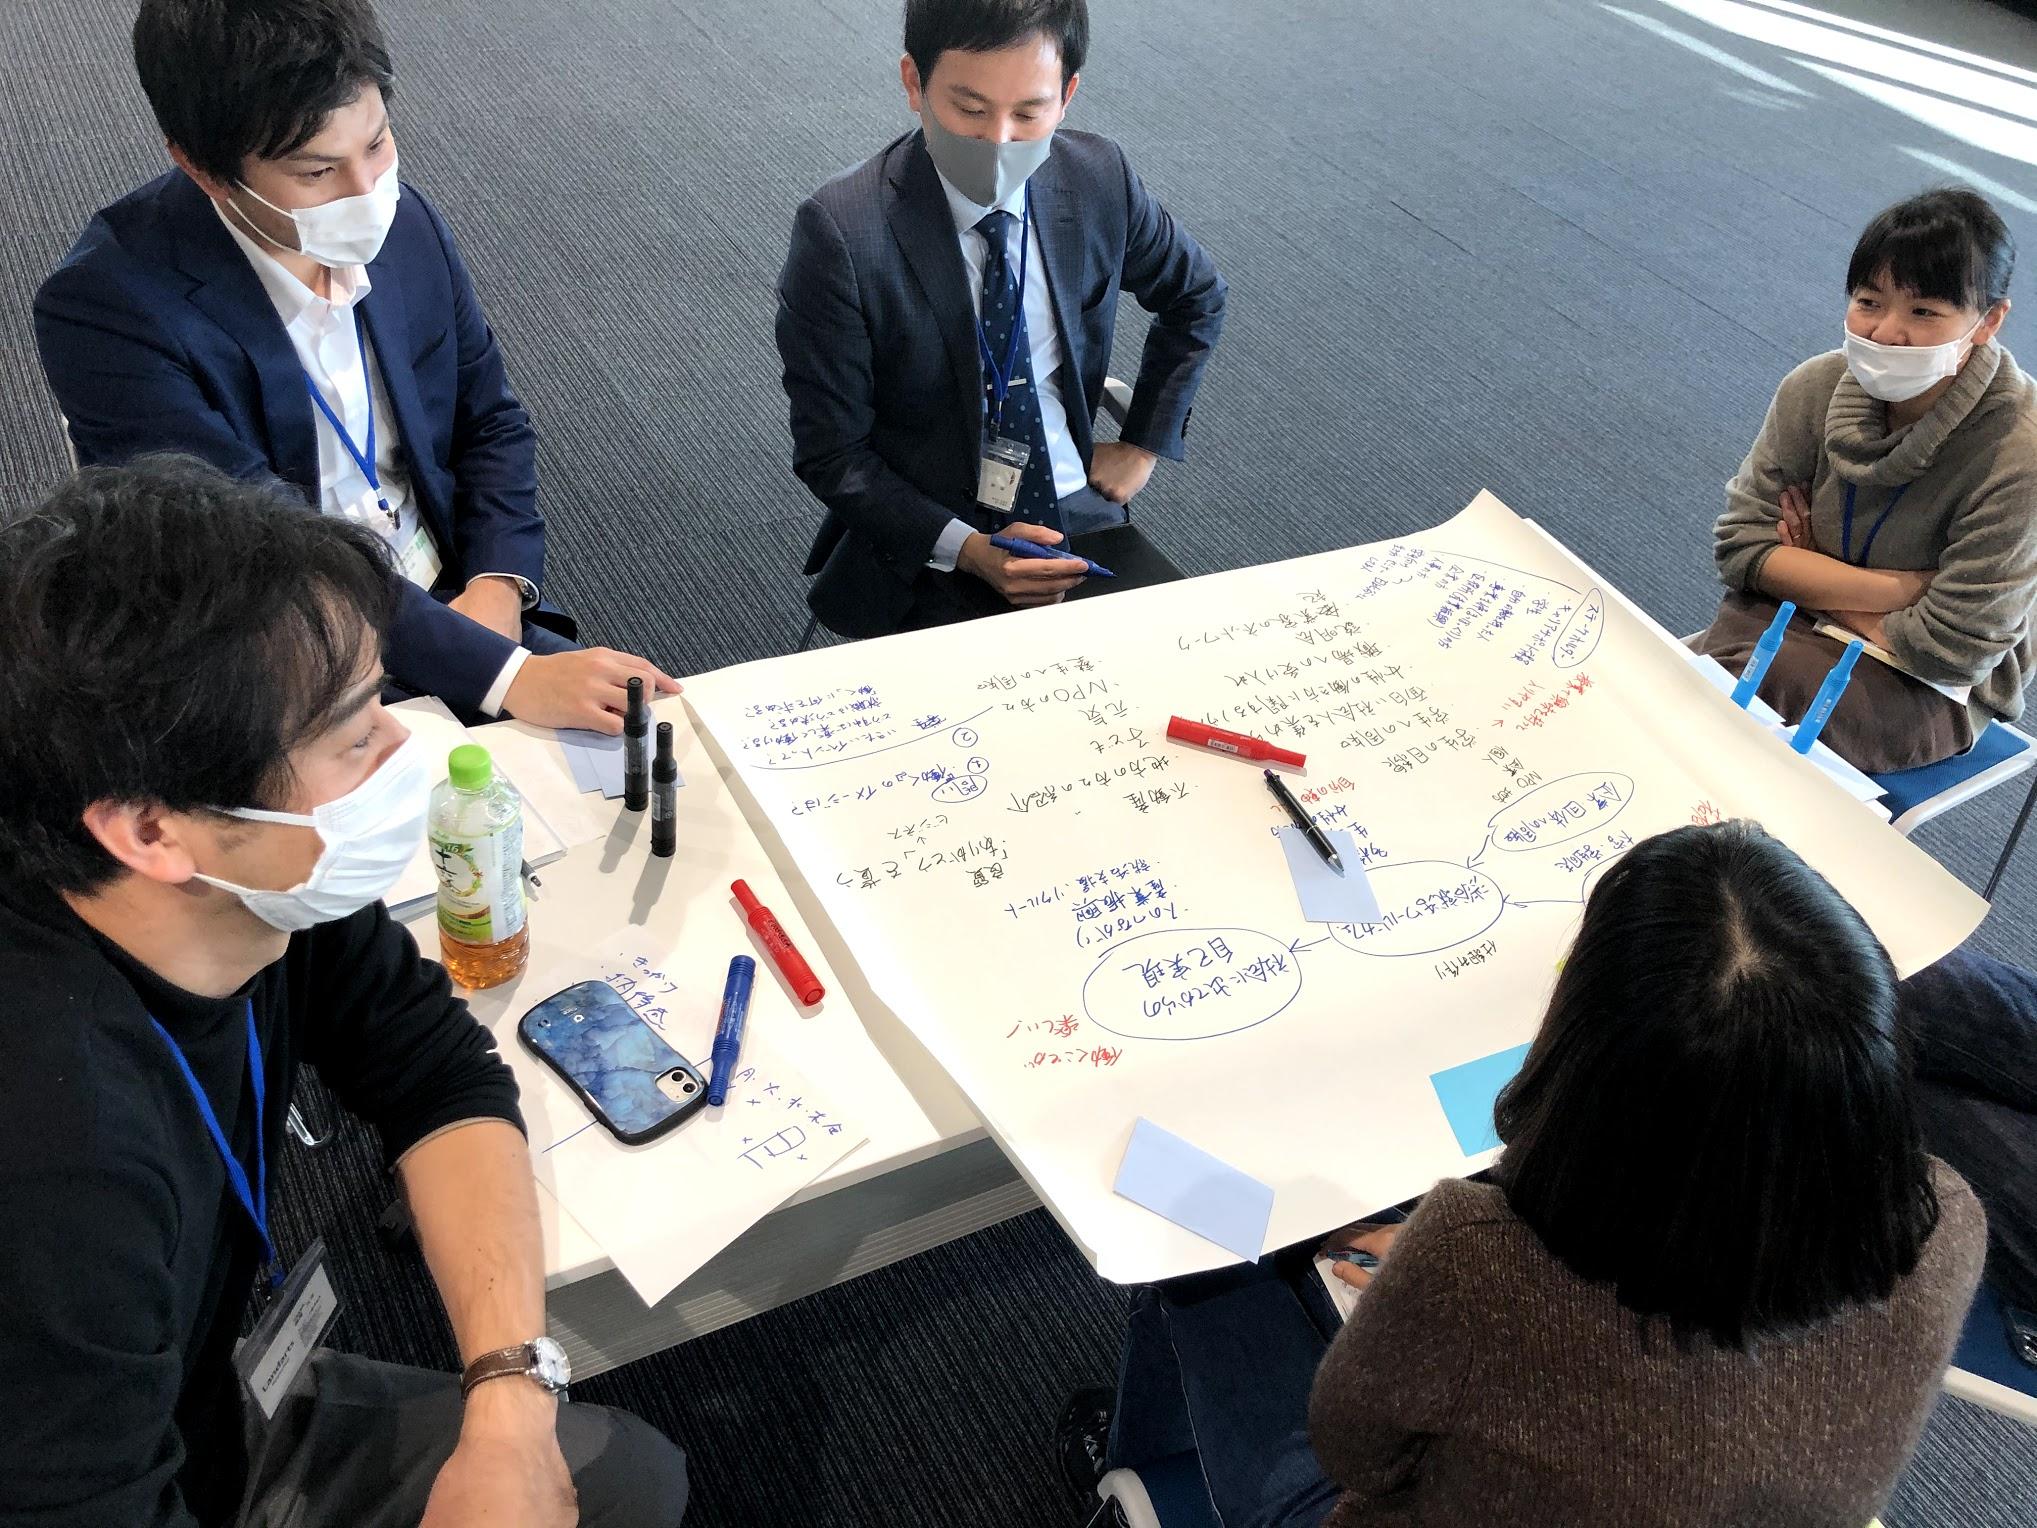 【渋谷をつなげる30人 5期 Day3】〜チームとともに、次のステップへ〜